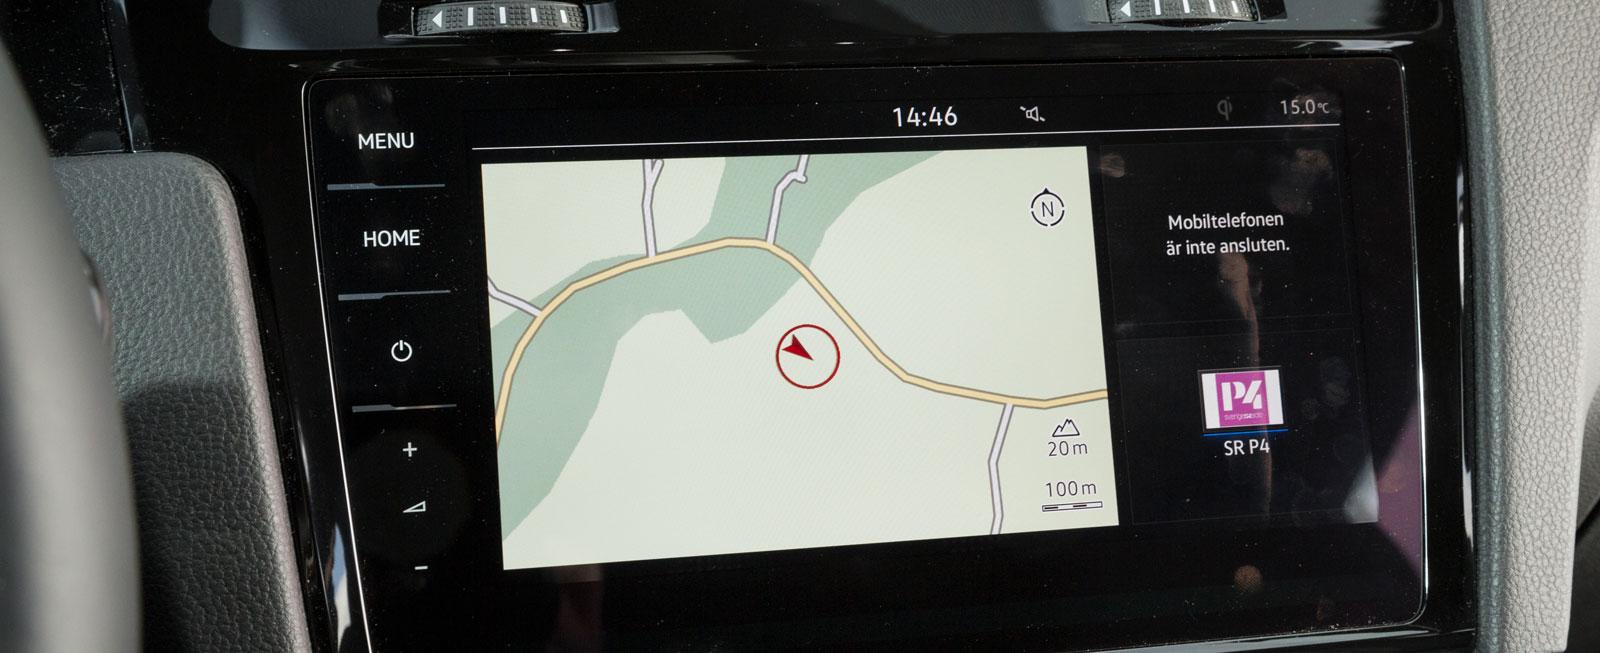 Toppversionen Discover Pro har navigation, 9,2-tum pekskärm och pekknappar. Vi föredrar den enklare 8-tum skärmen med två vred för volym och menyval.